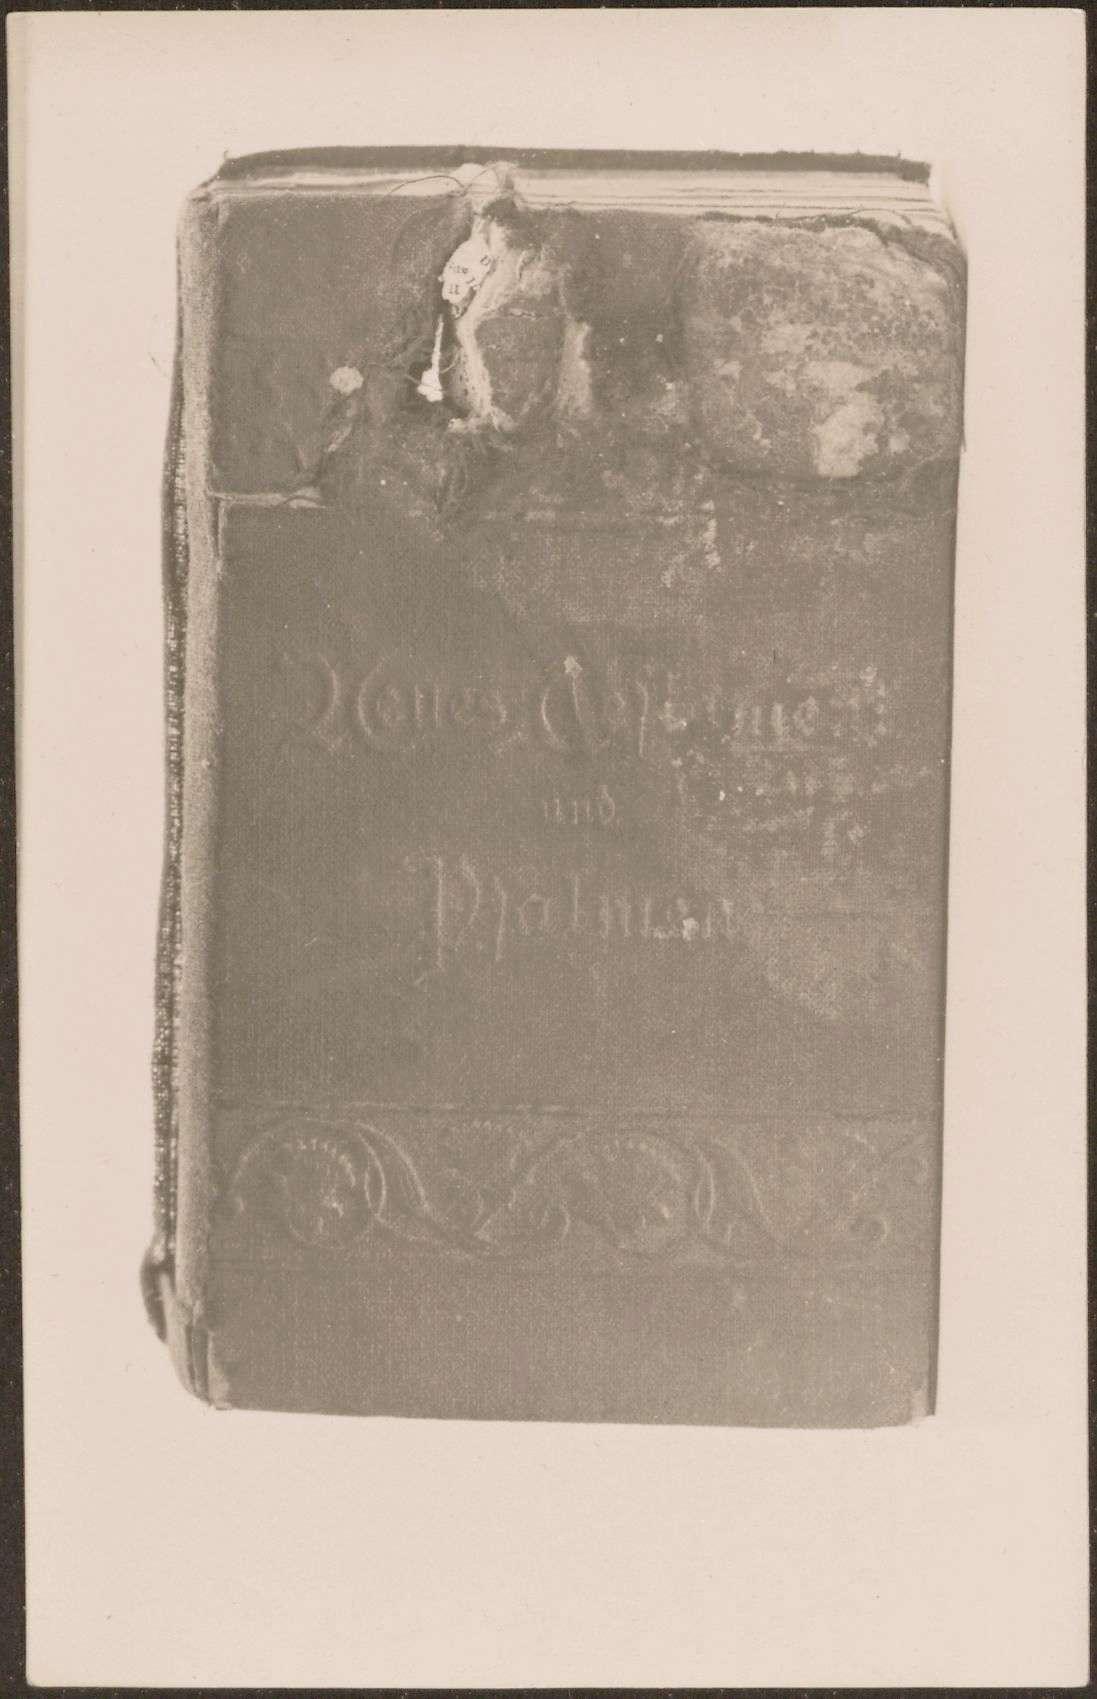 """Buch """"Neues Testament und Psalmen"""" mit Kugeldurchschußloch., Bild 1"""